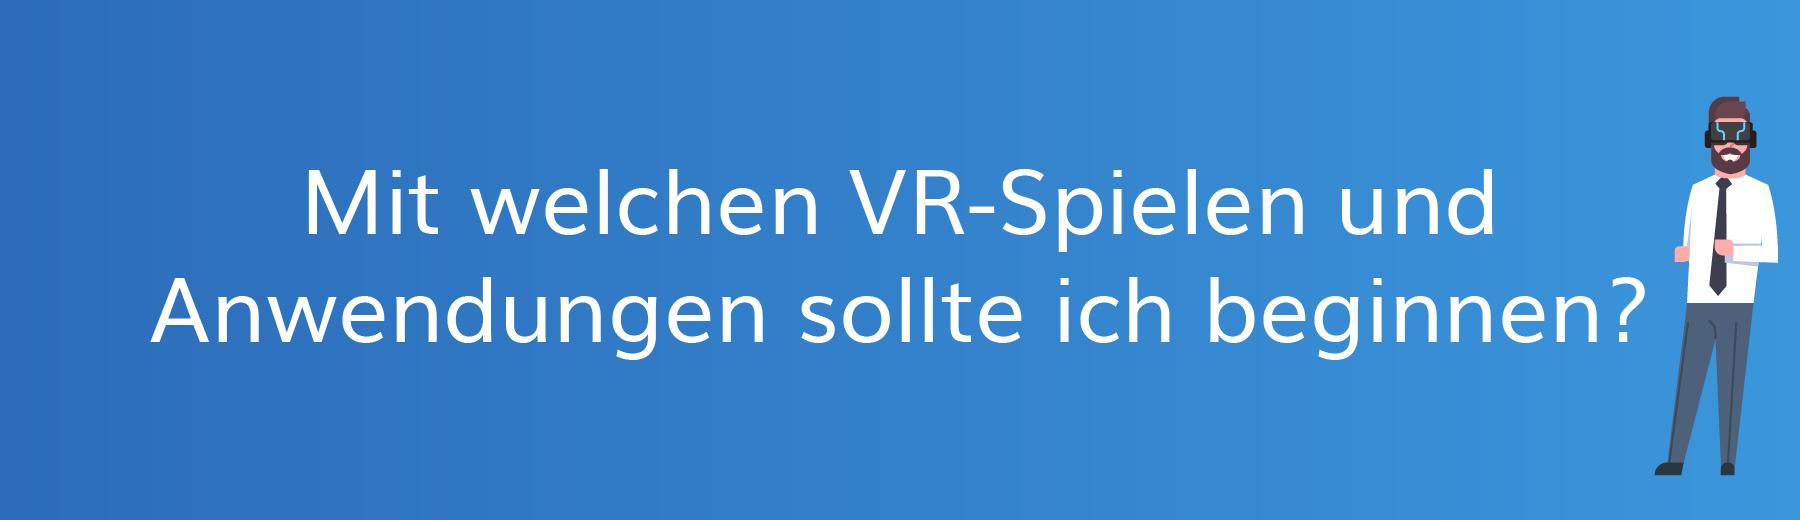 Mit welchen VR spielen und Anwendungen sollte ich beginnen?